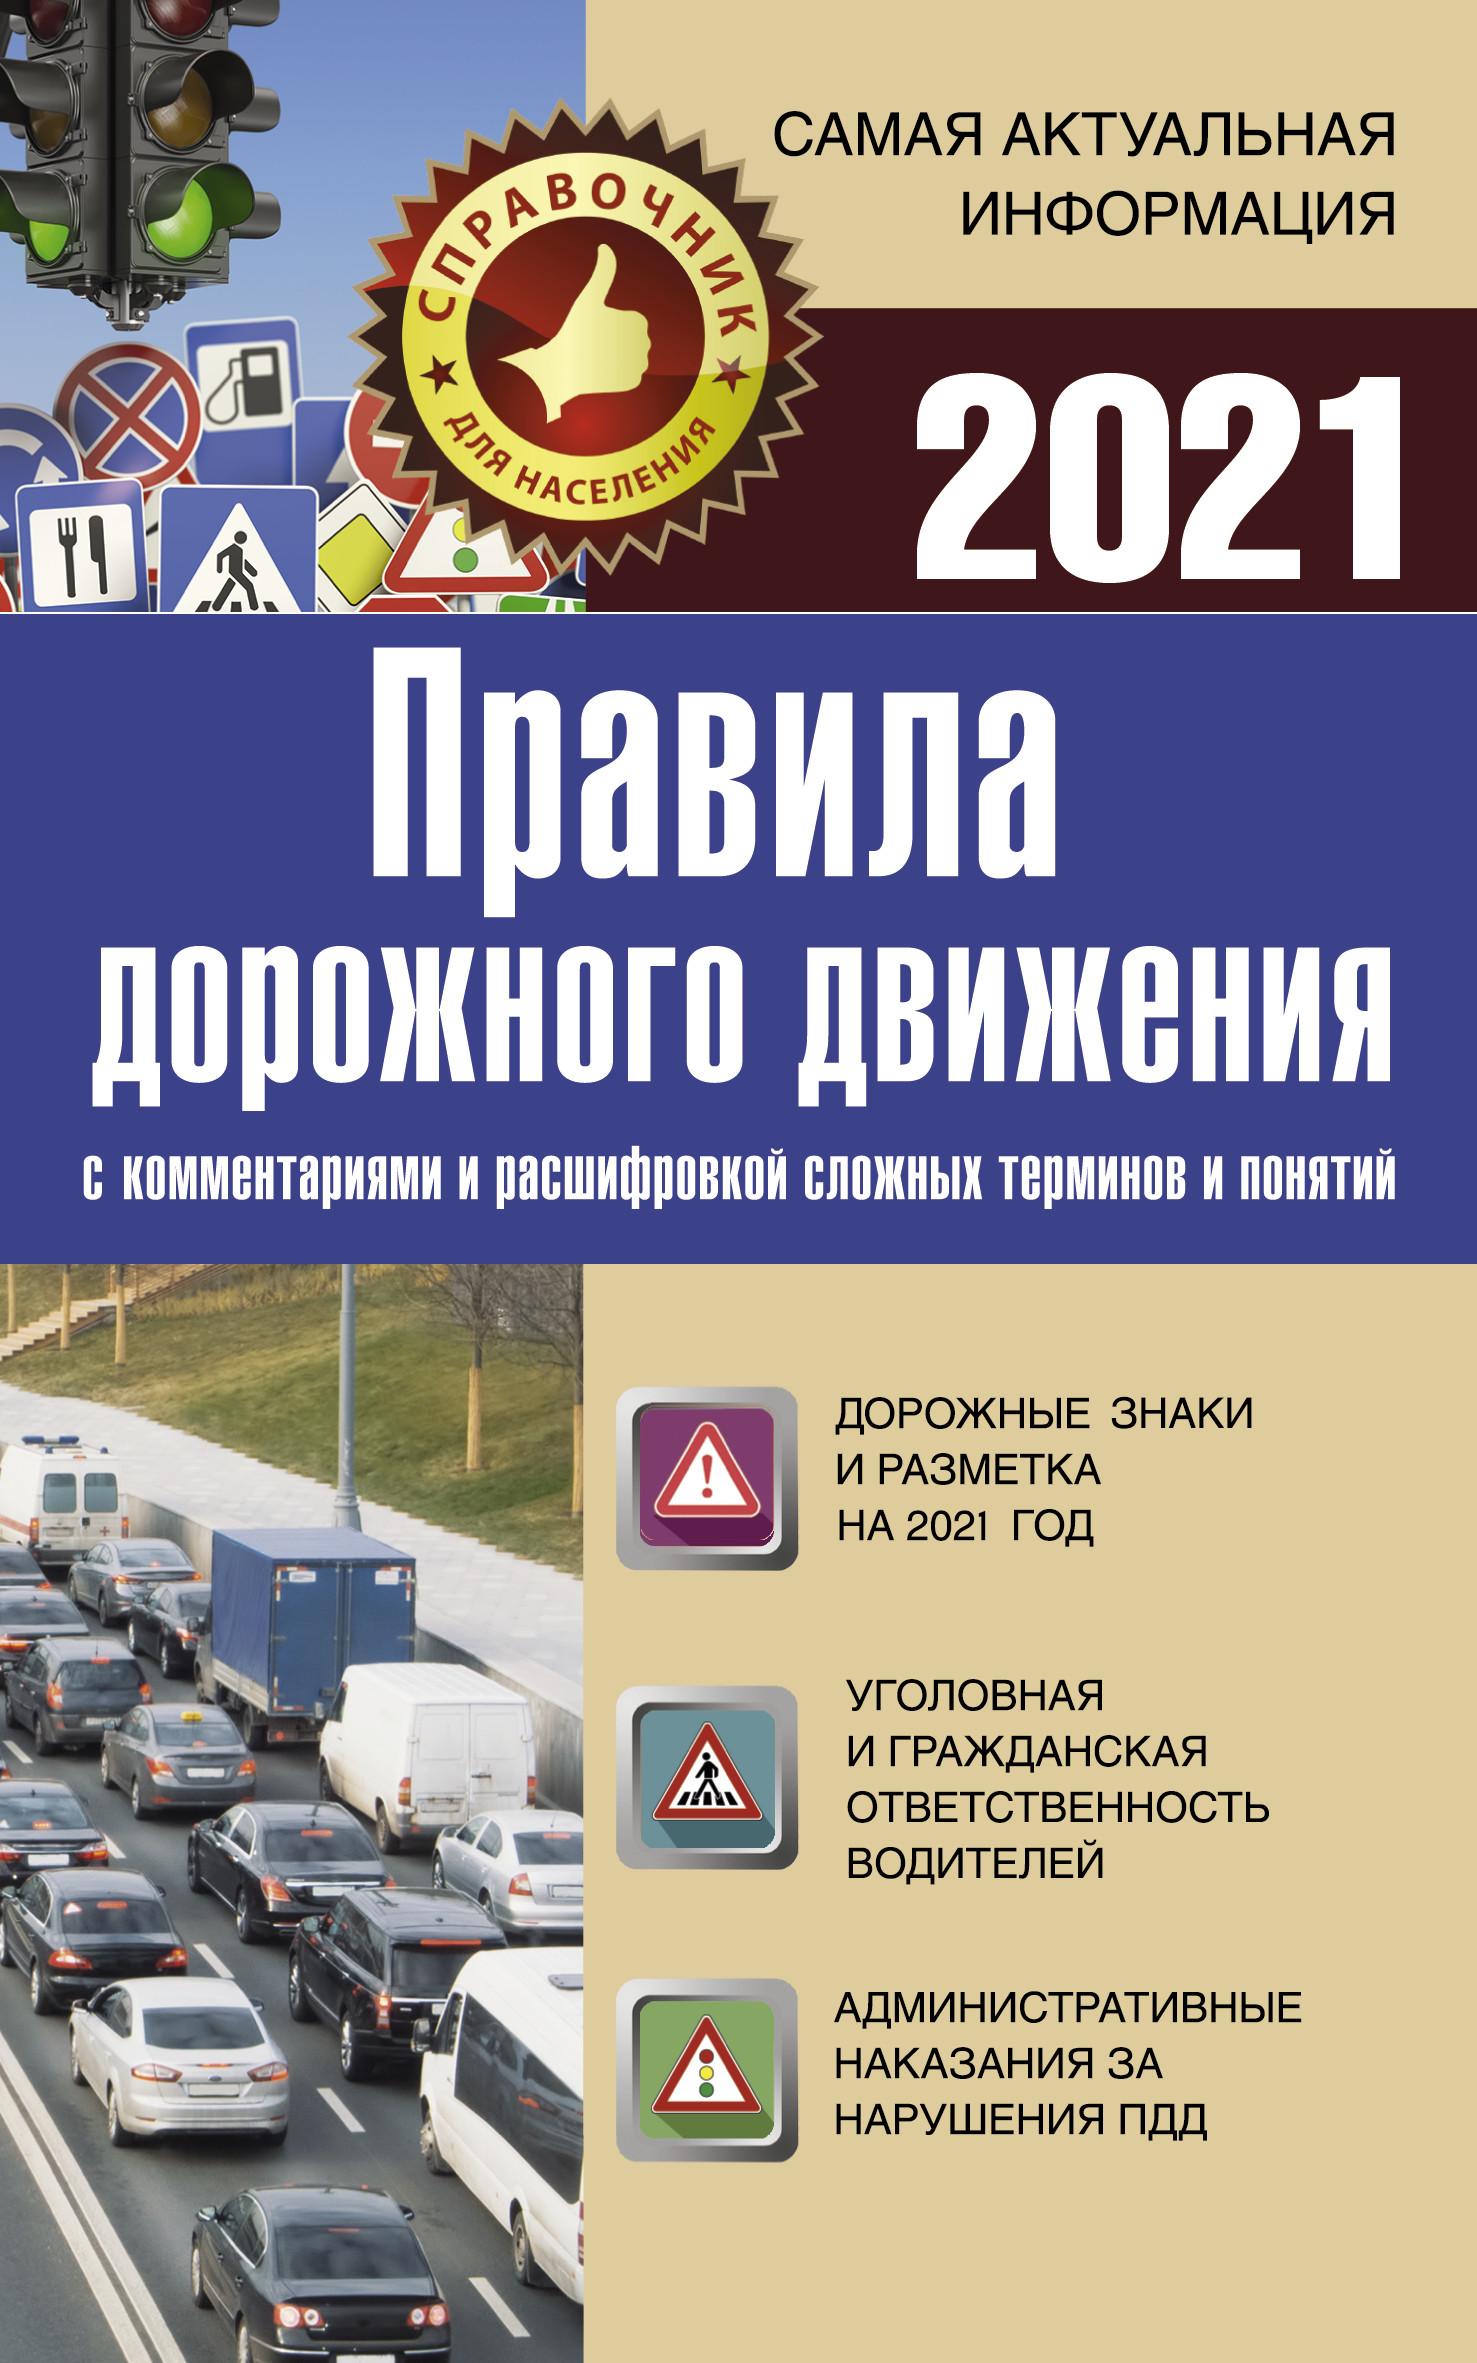 Правила дорожного движения 2021 с комментариями и расшифровкой сложных терминов и понятий